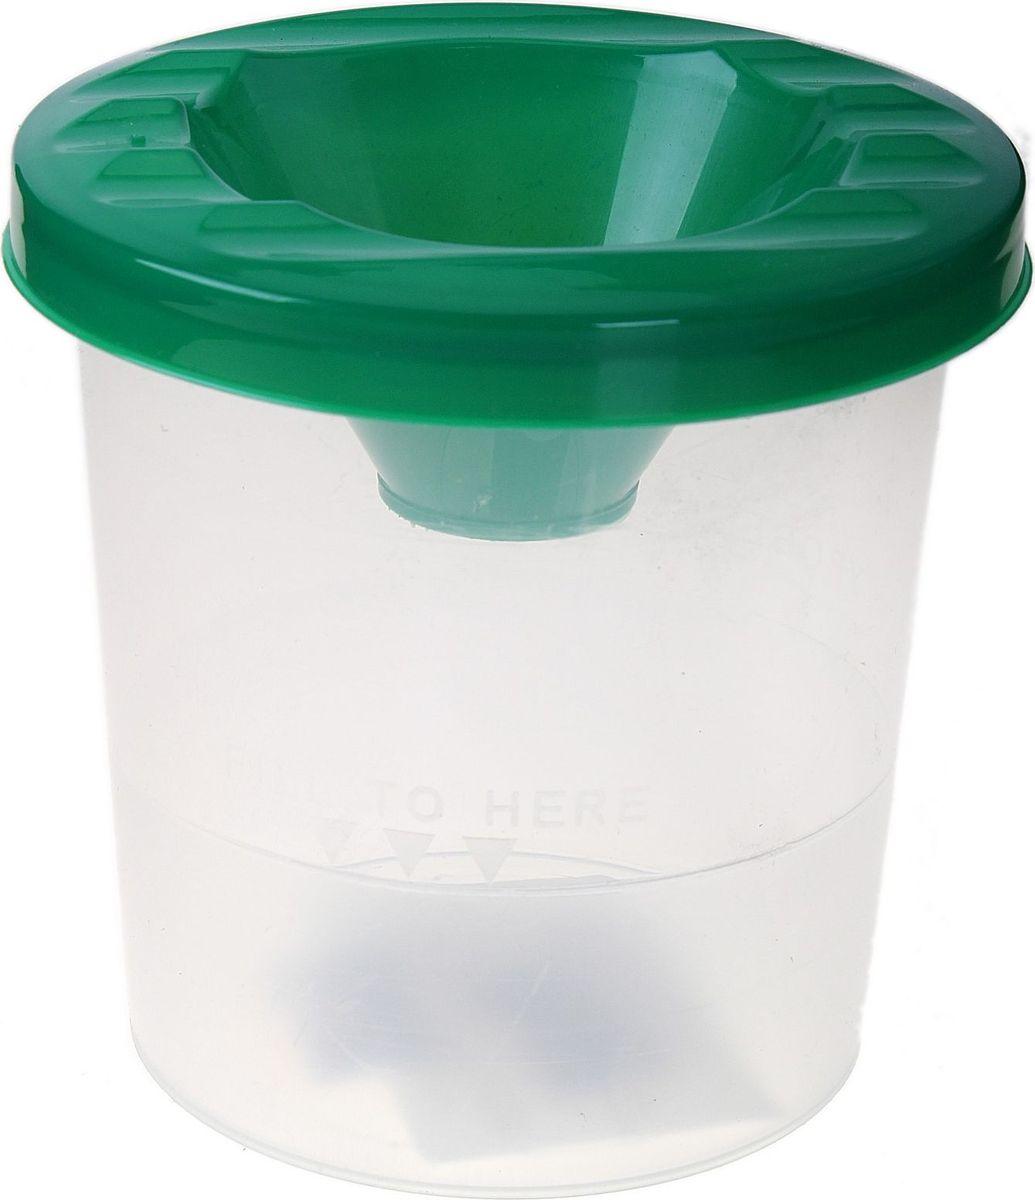 Стамм Стакан-непроливайка цвет зеленый 210 мл